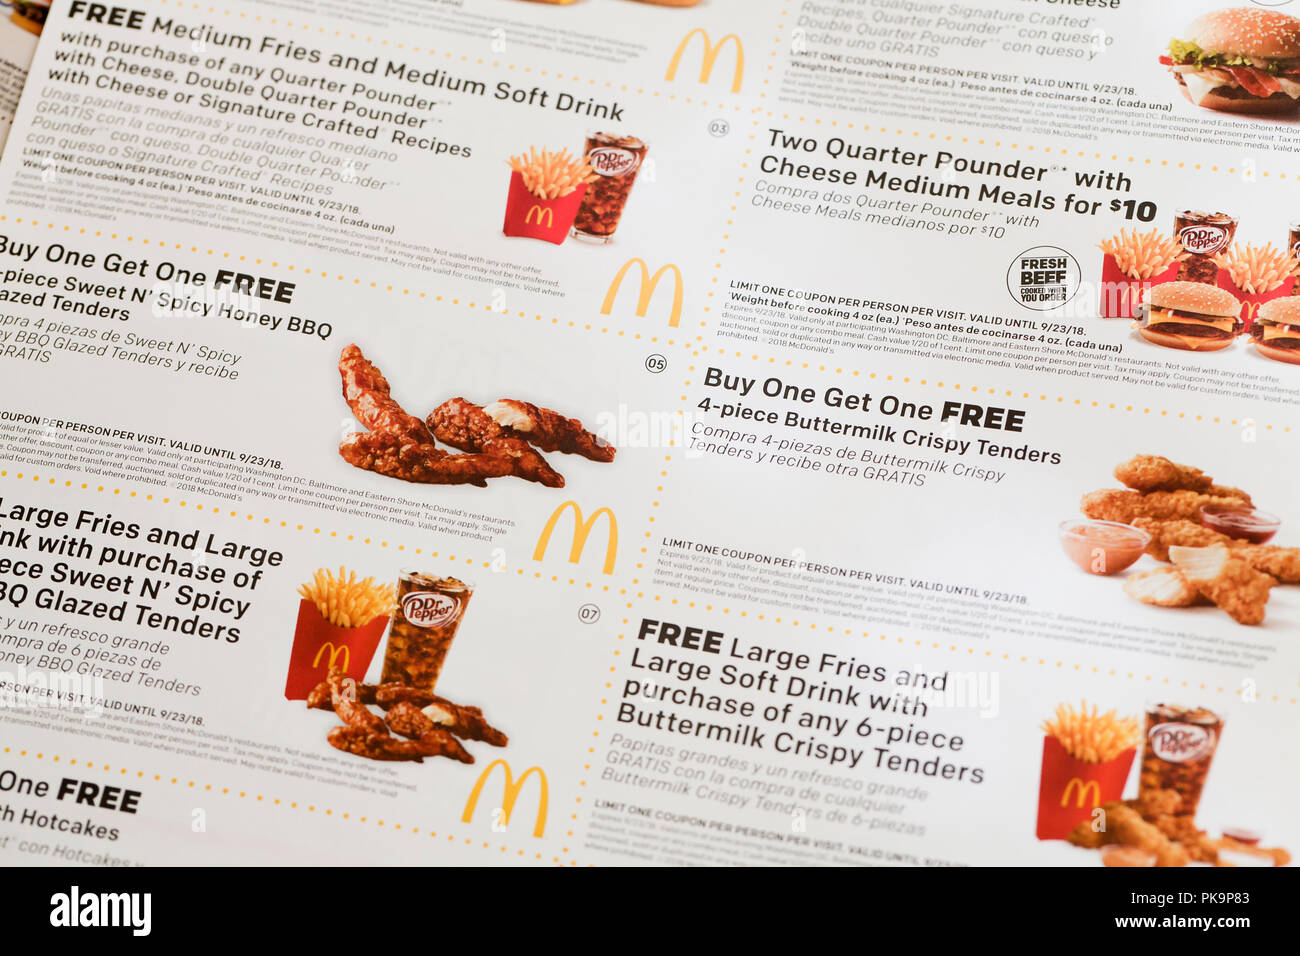 Mcdonald S Coupons Fast Food Coupon Usa Stock Photo 218417923